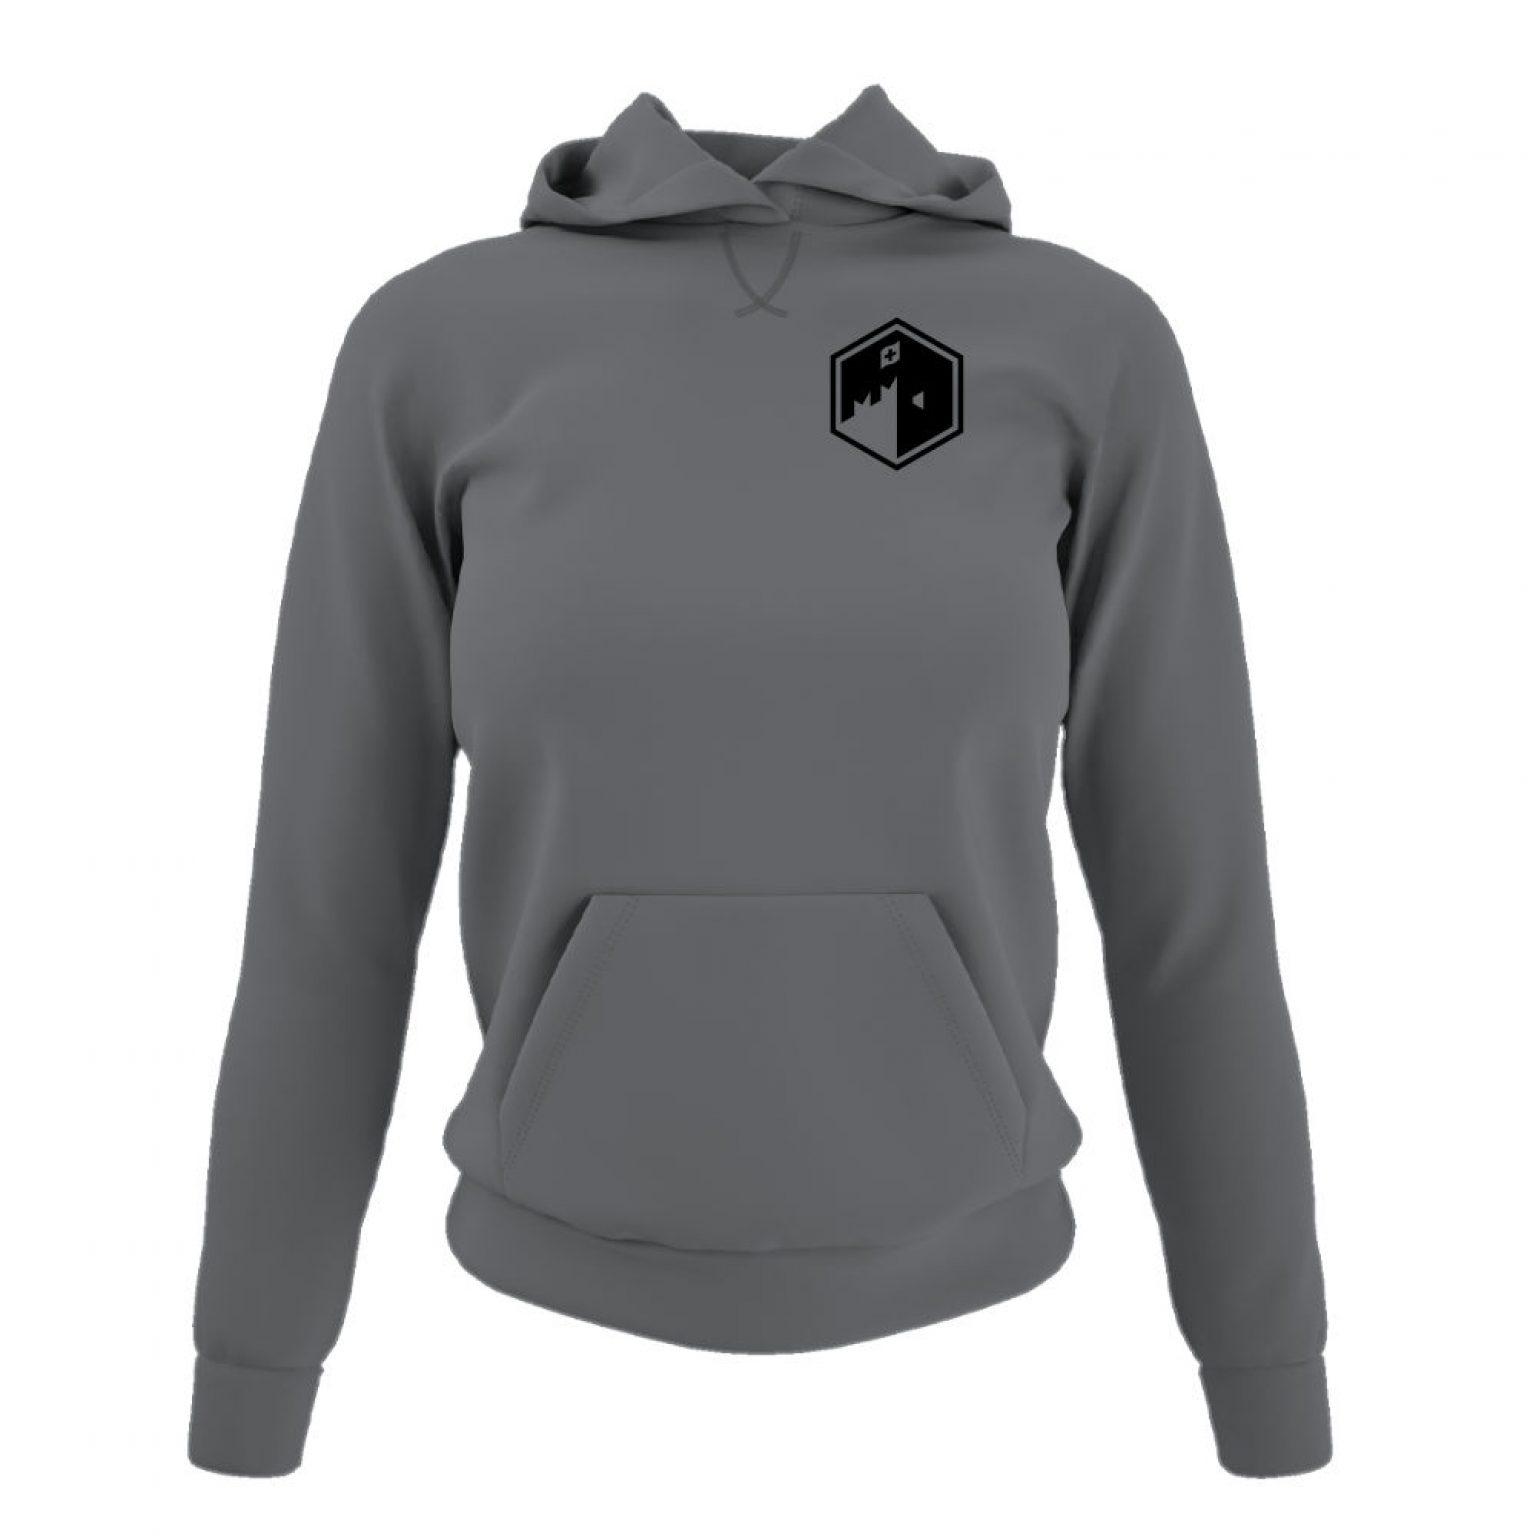 CFB hoodie damen grey front